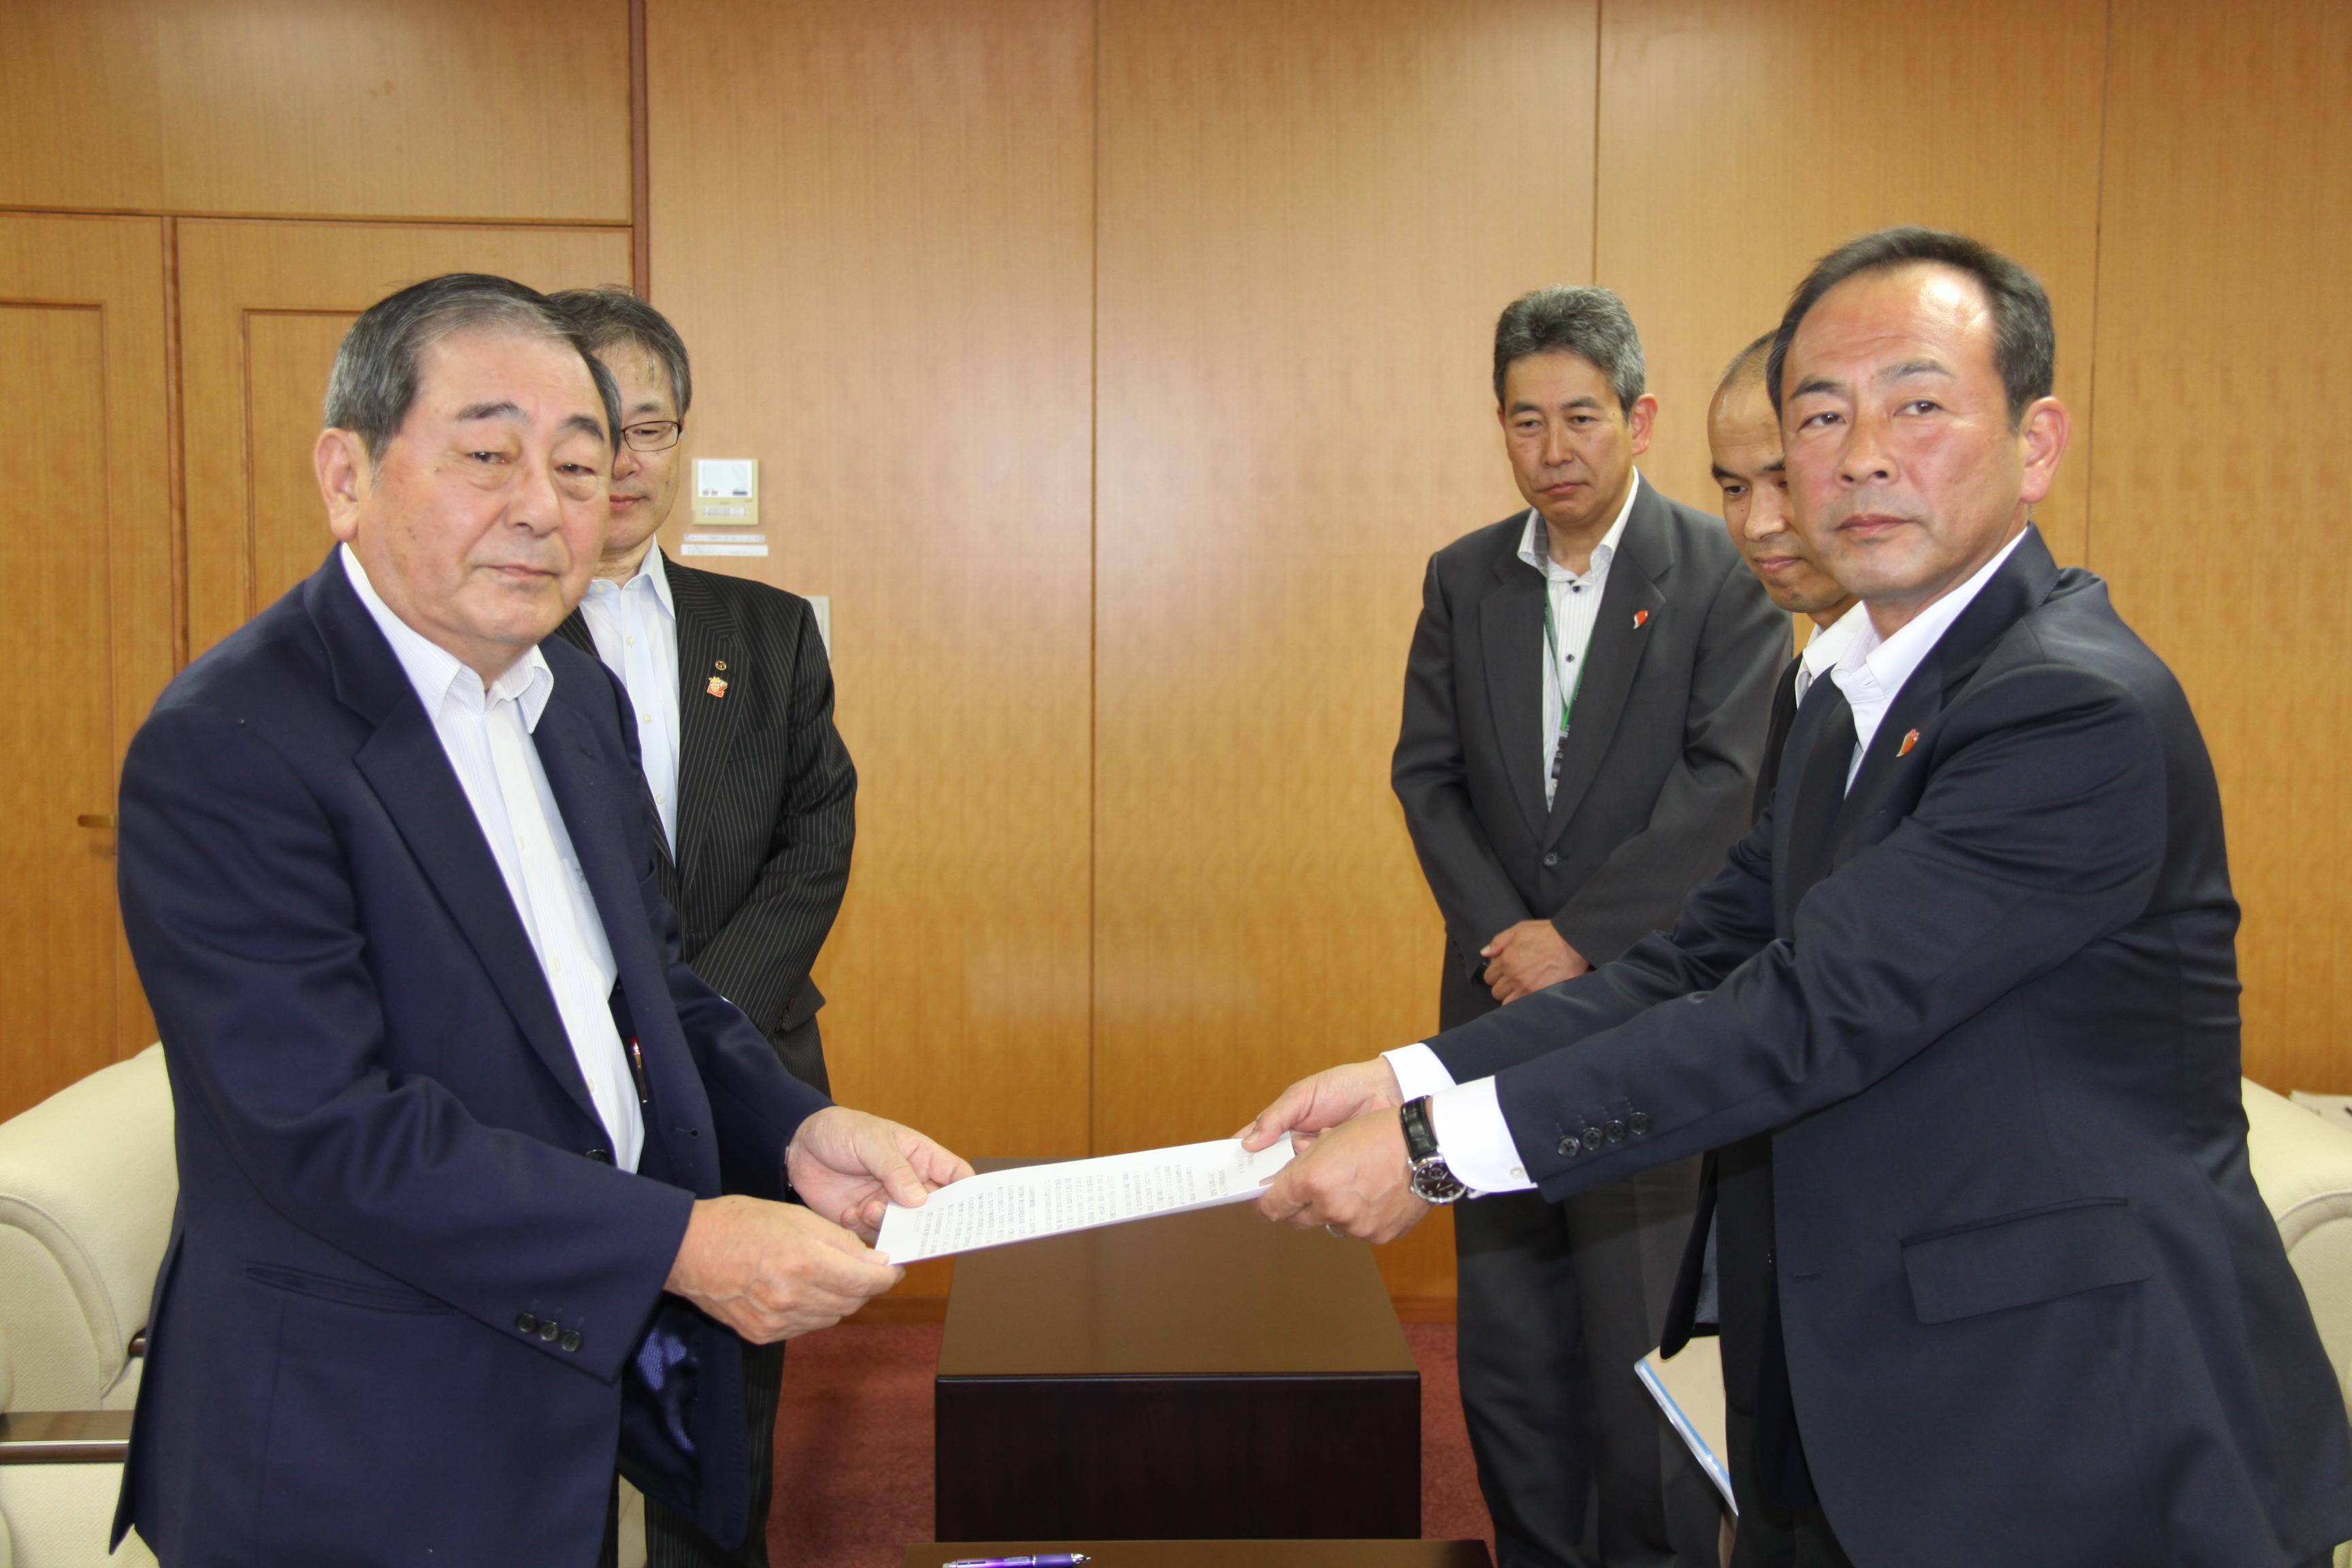 鳥取労働局が過重労働解消で協力...